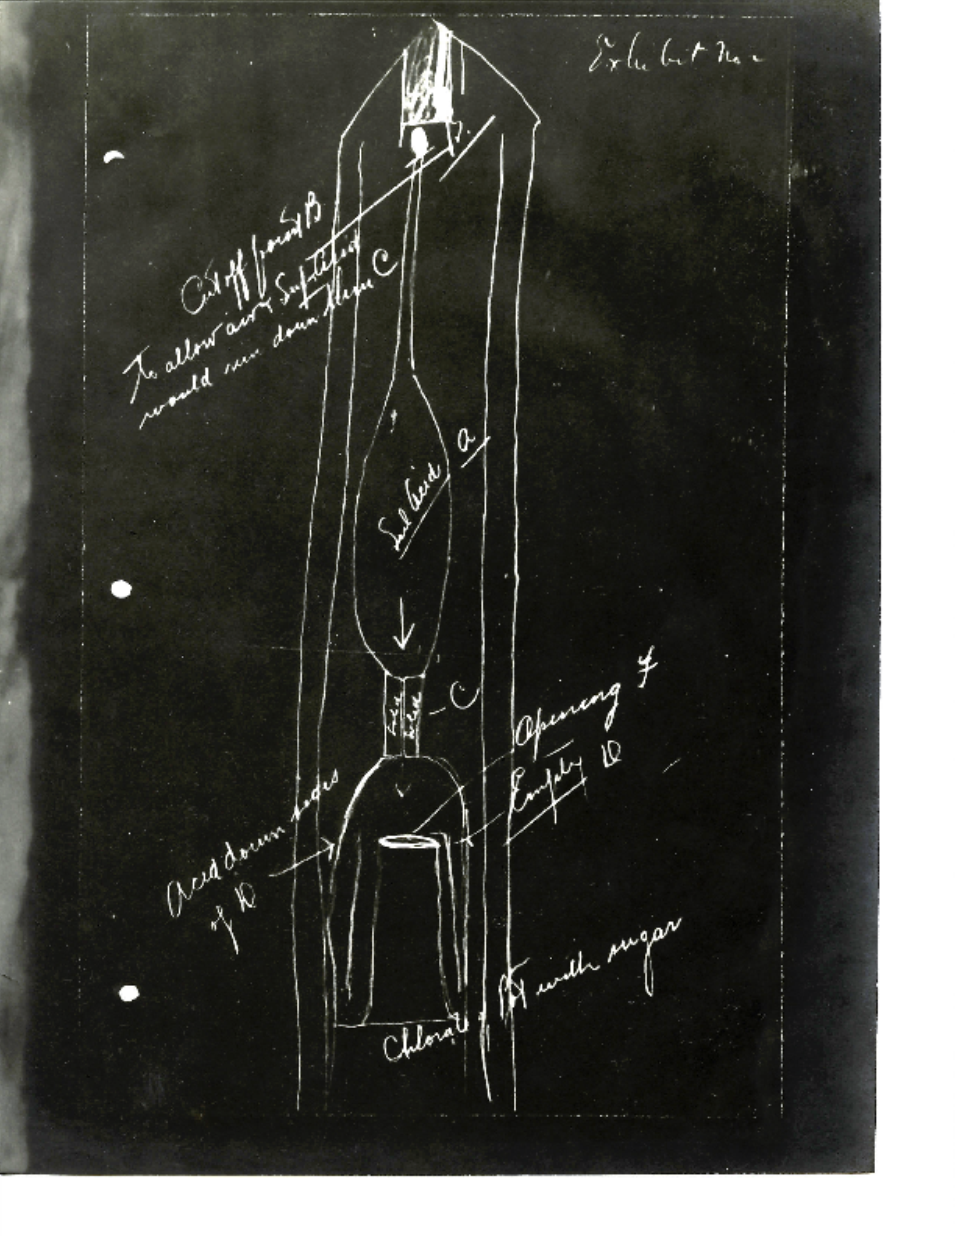 Scheele's Cigar Bomb Design